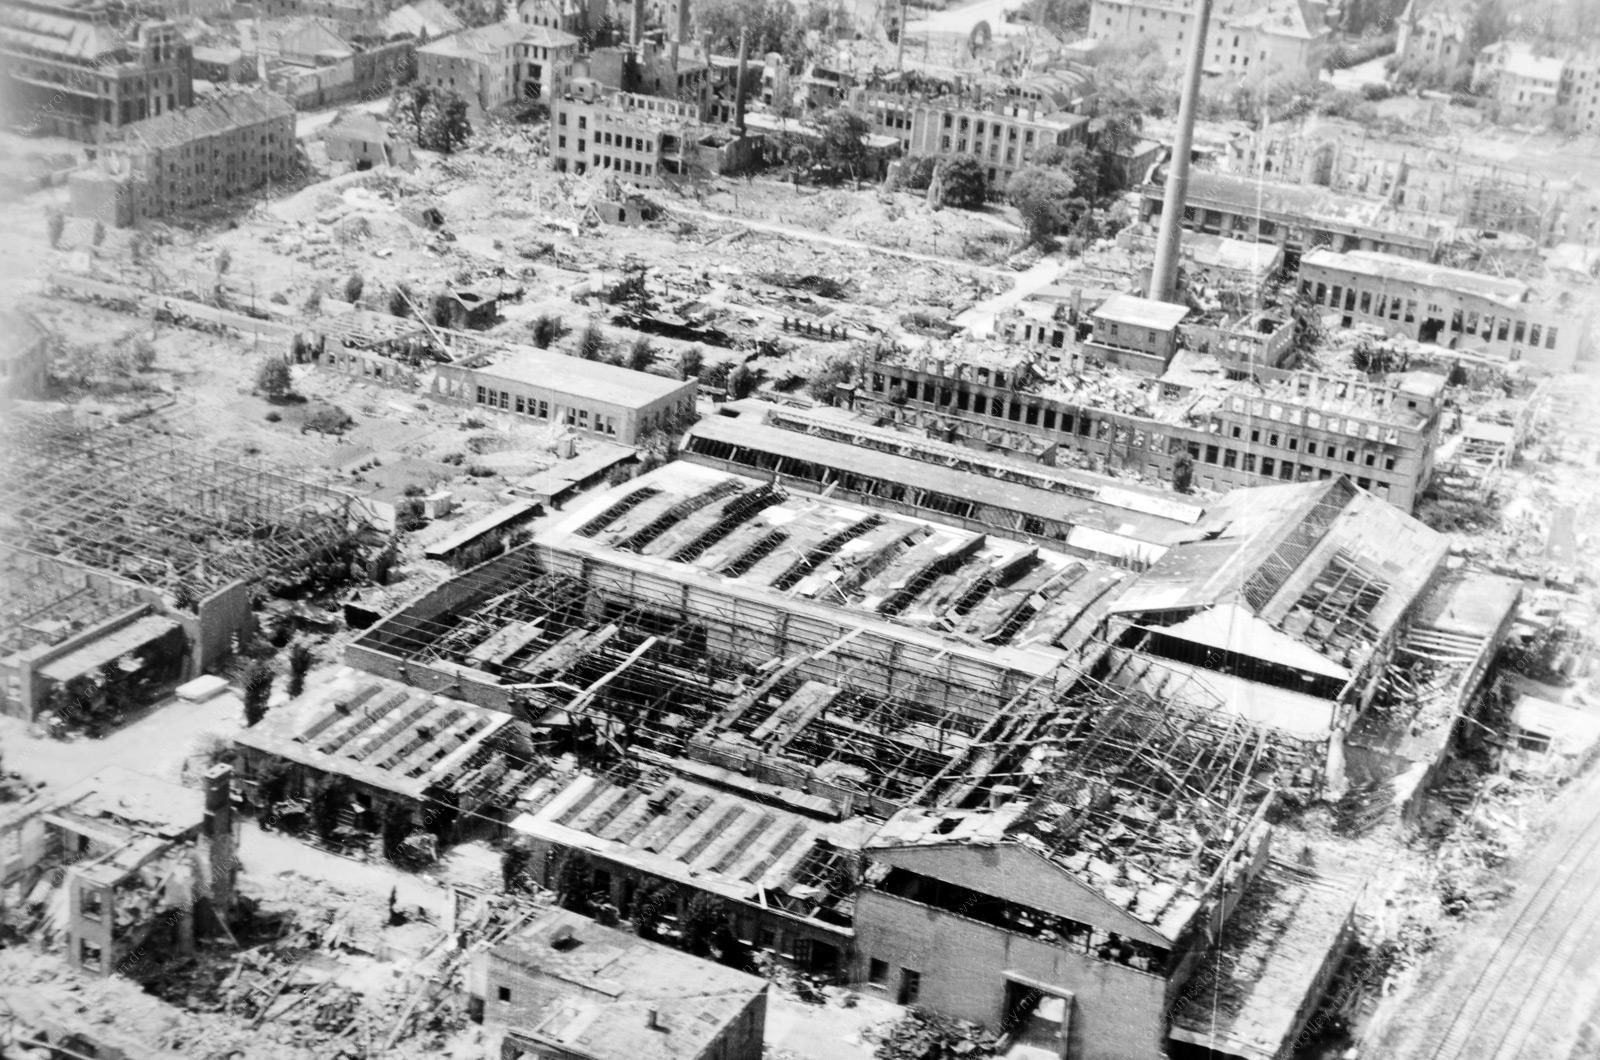 Betriebsanlagen der Firma Heraeus in Hanau - Luftaufnahme aus dem Zweiten Weltkrieg